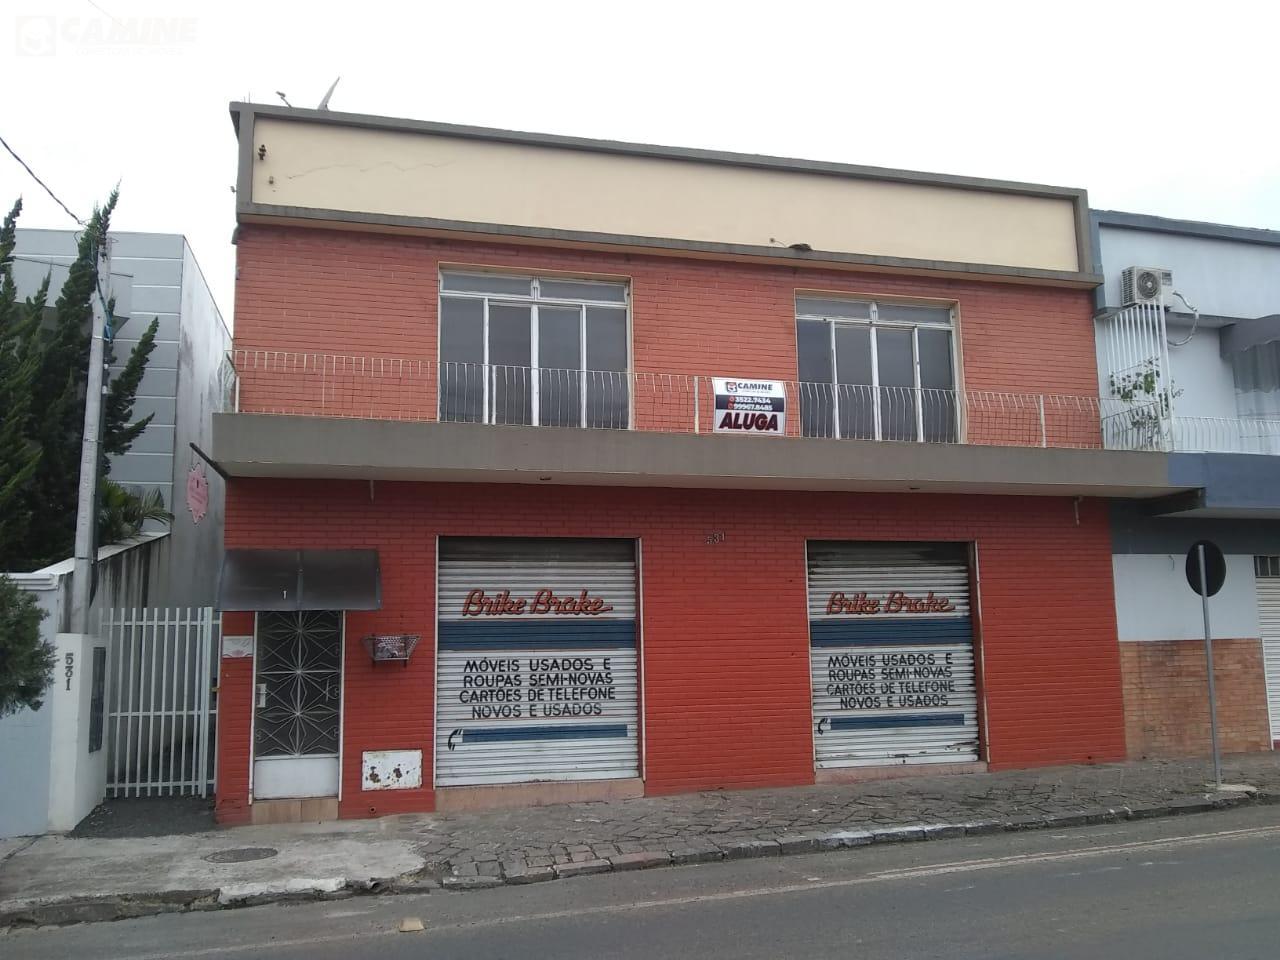 EXCELENTE OPÇÃO NO CENTRO DE UNIÃO DA VITÓRIA - UNIAO DA VITORIA/PR